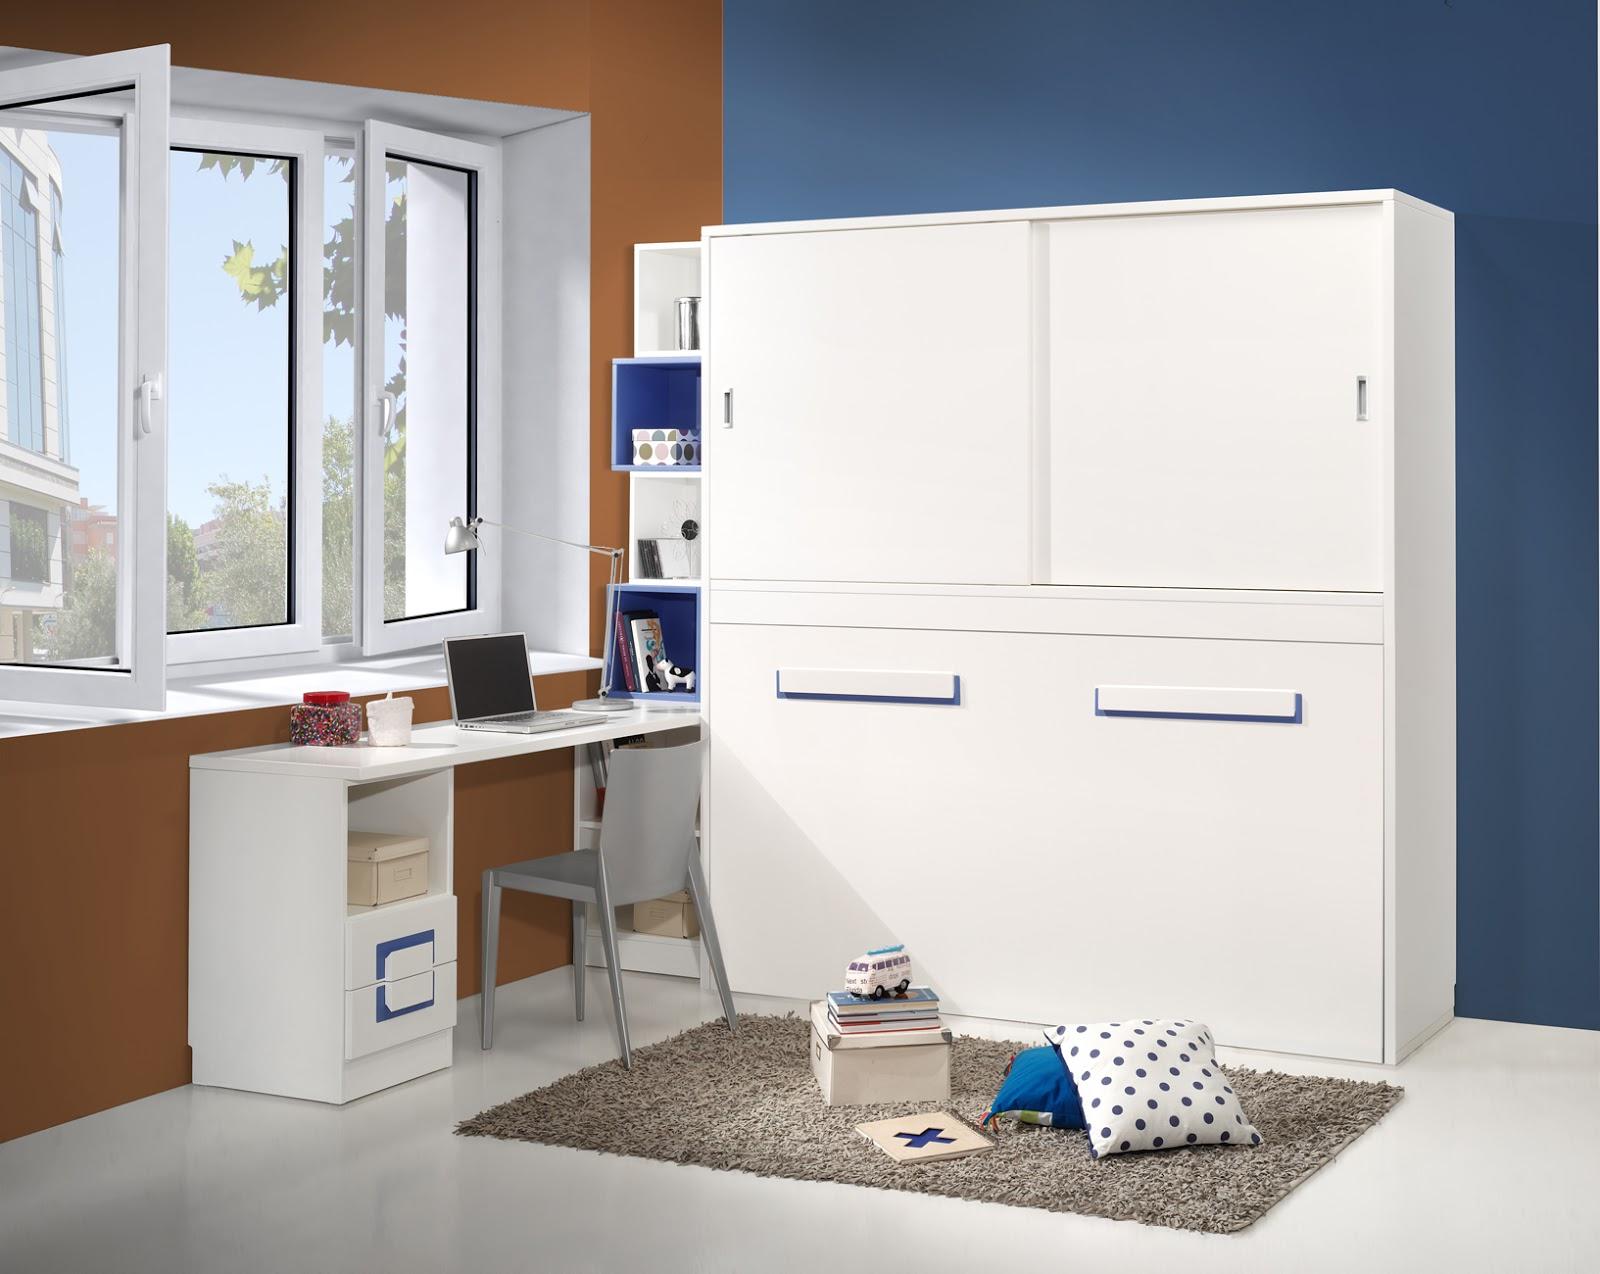 Dormitorios con camas abatibles literas abatibles - Precio habitacion infantil ...